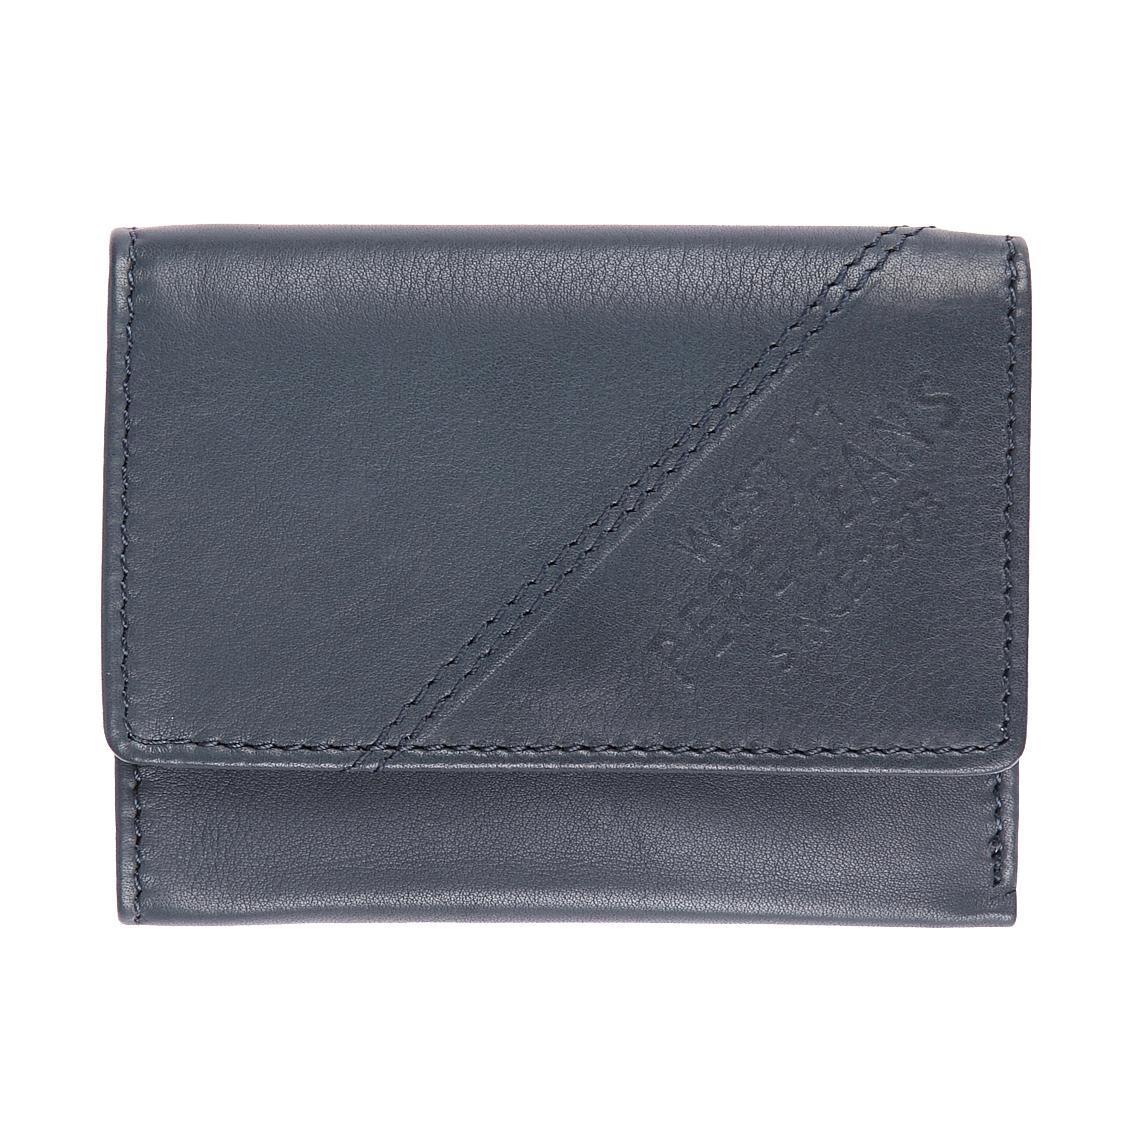 Mini-portefeuille 3 volets pepe jeans en cuir bleu pétrole